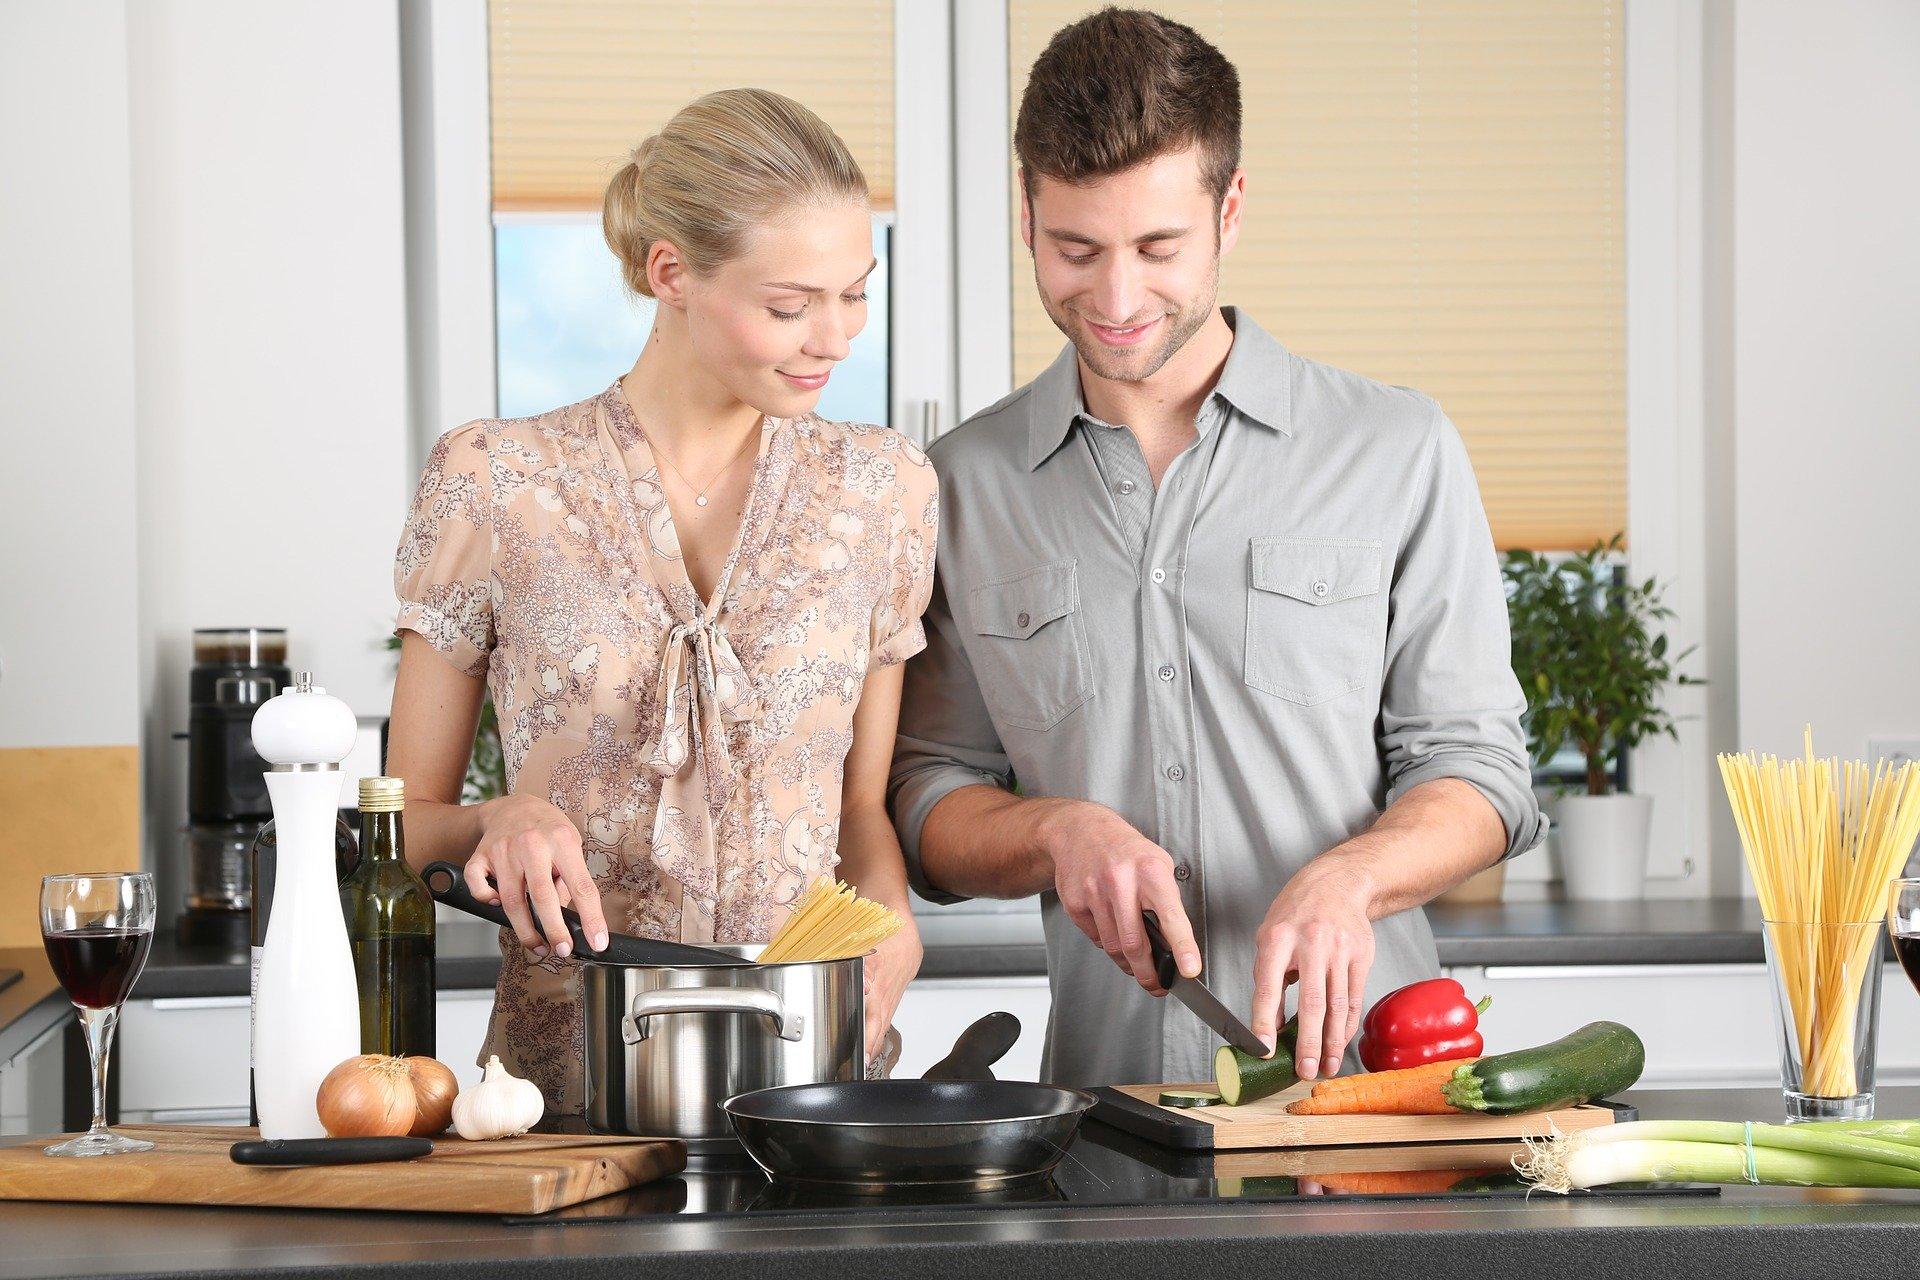 Dr. Peter Raspor: Dobra gospodinjska praksa – ne samo v času »korone«!